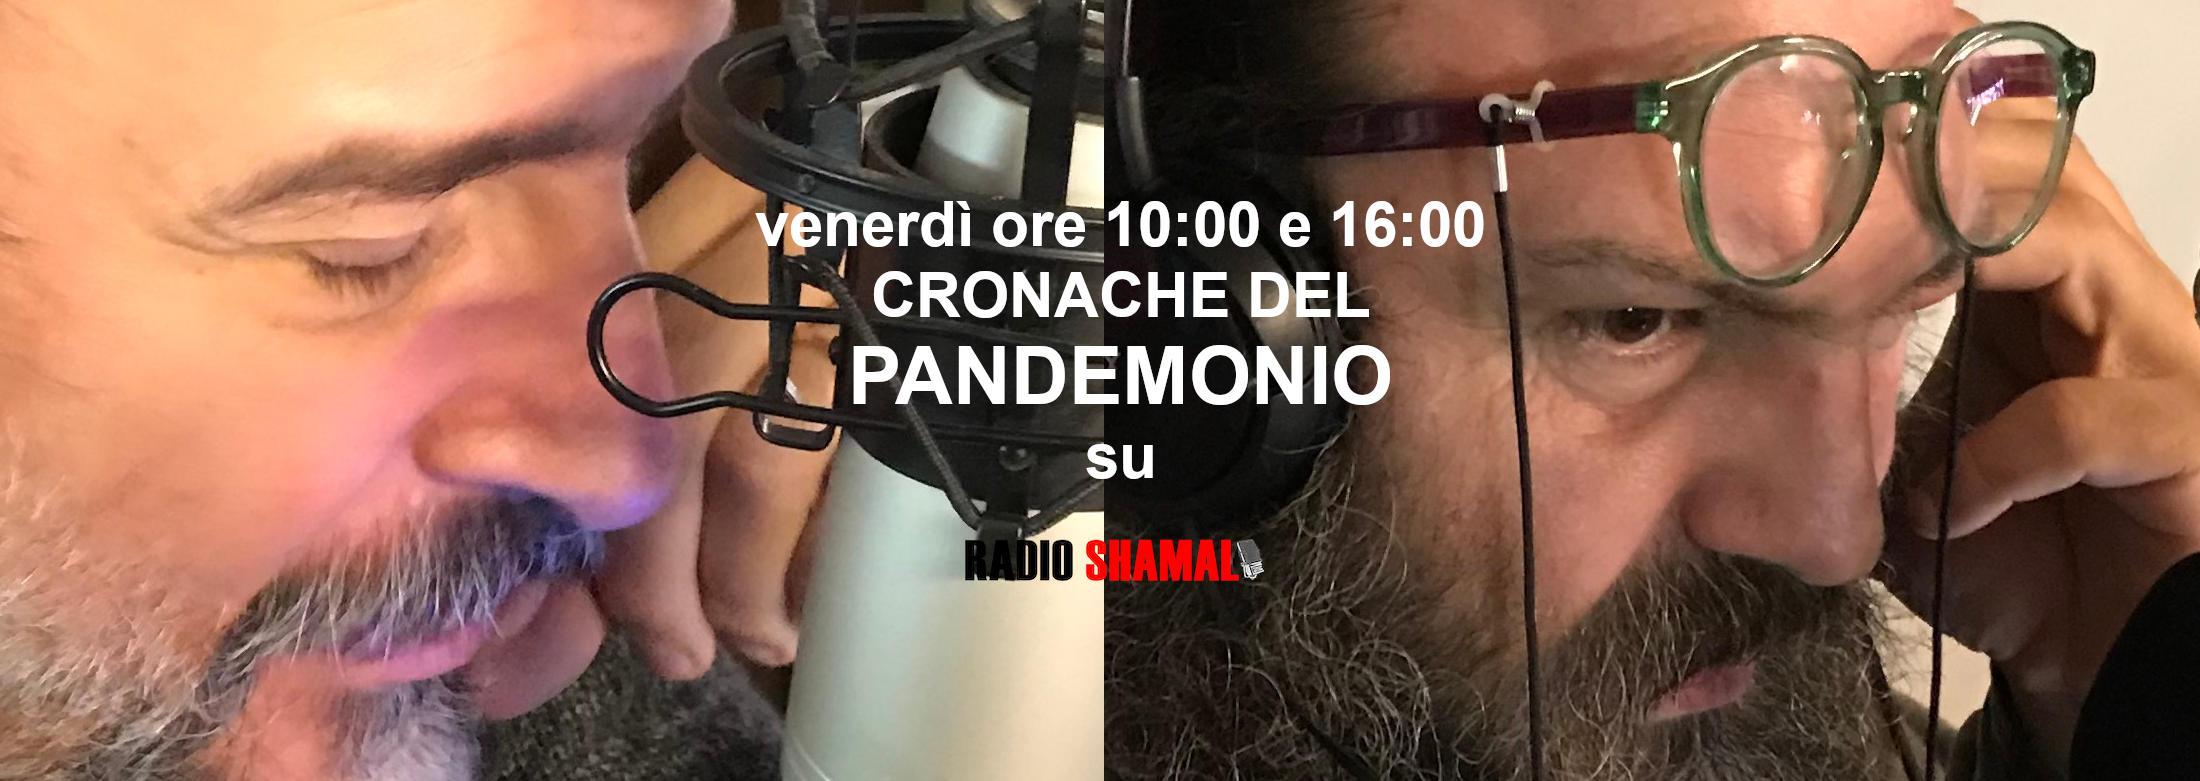 Pandemonio 2020-05-15